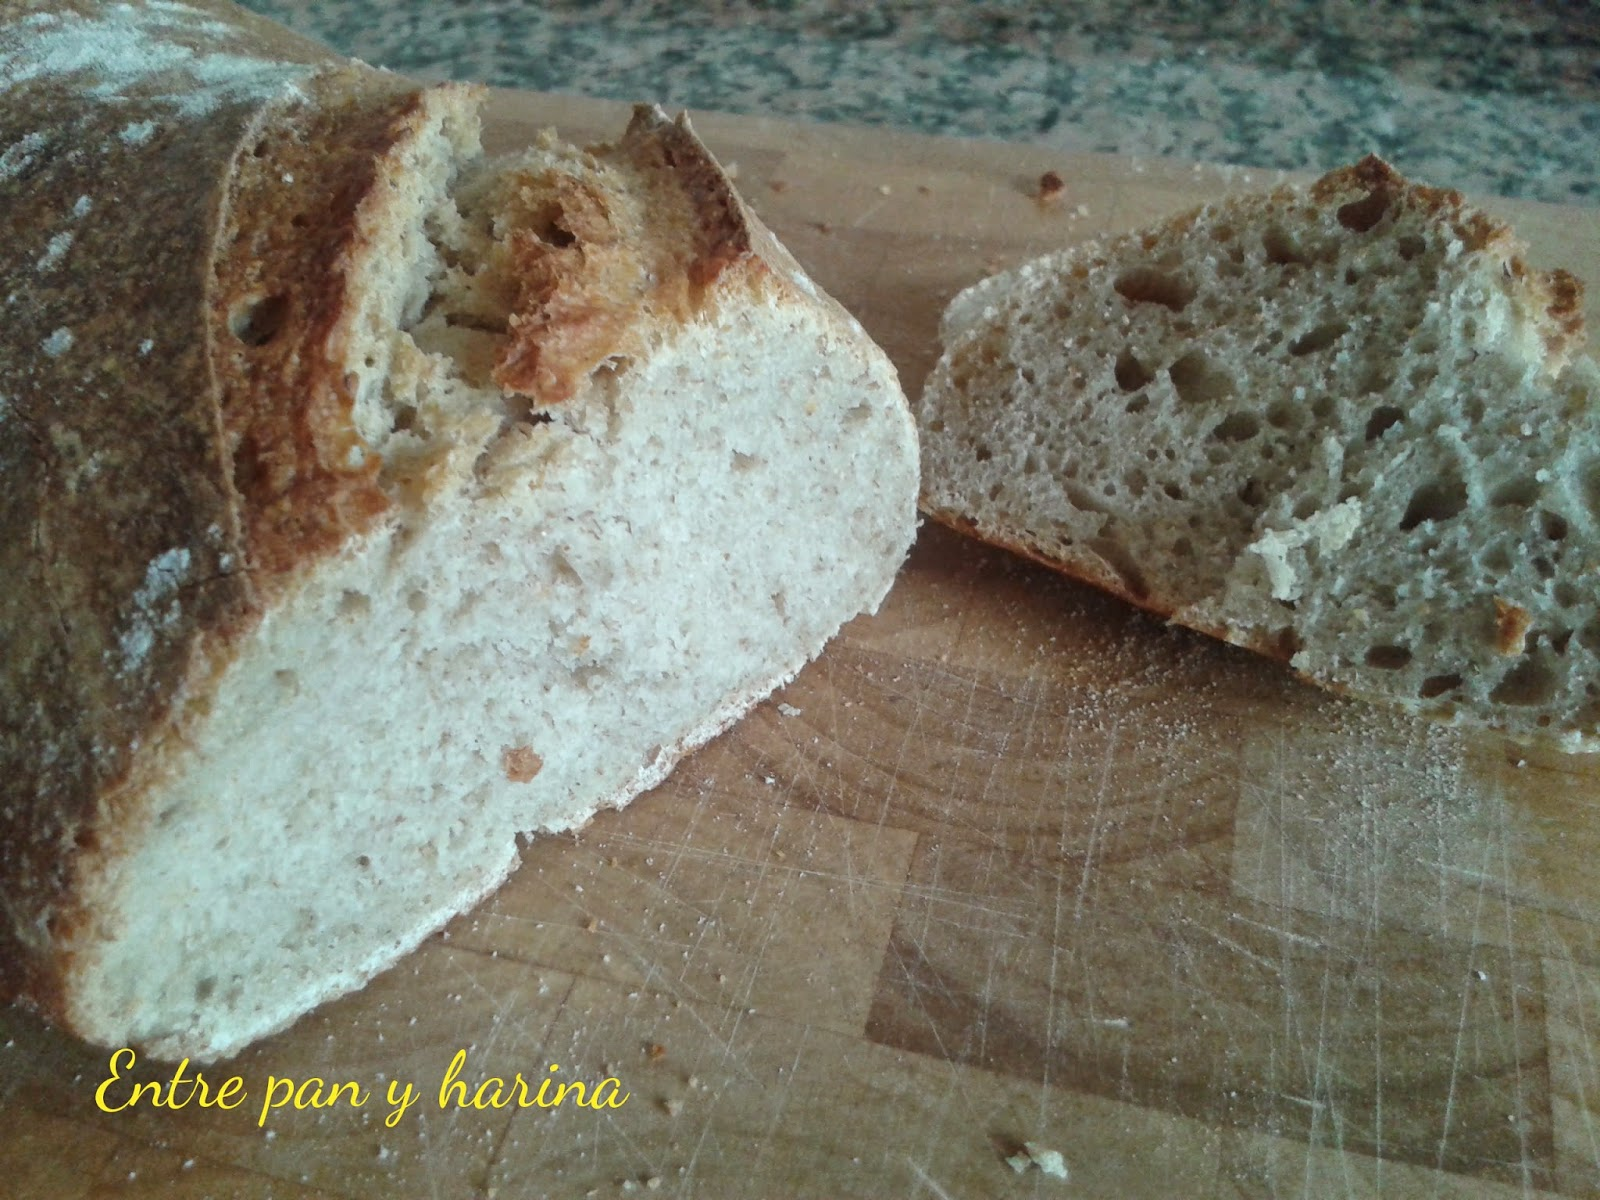 Entre pan y harina pan semi integral de trigo - Harina integral de trigo ...